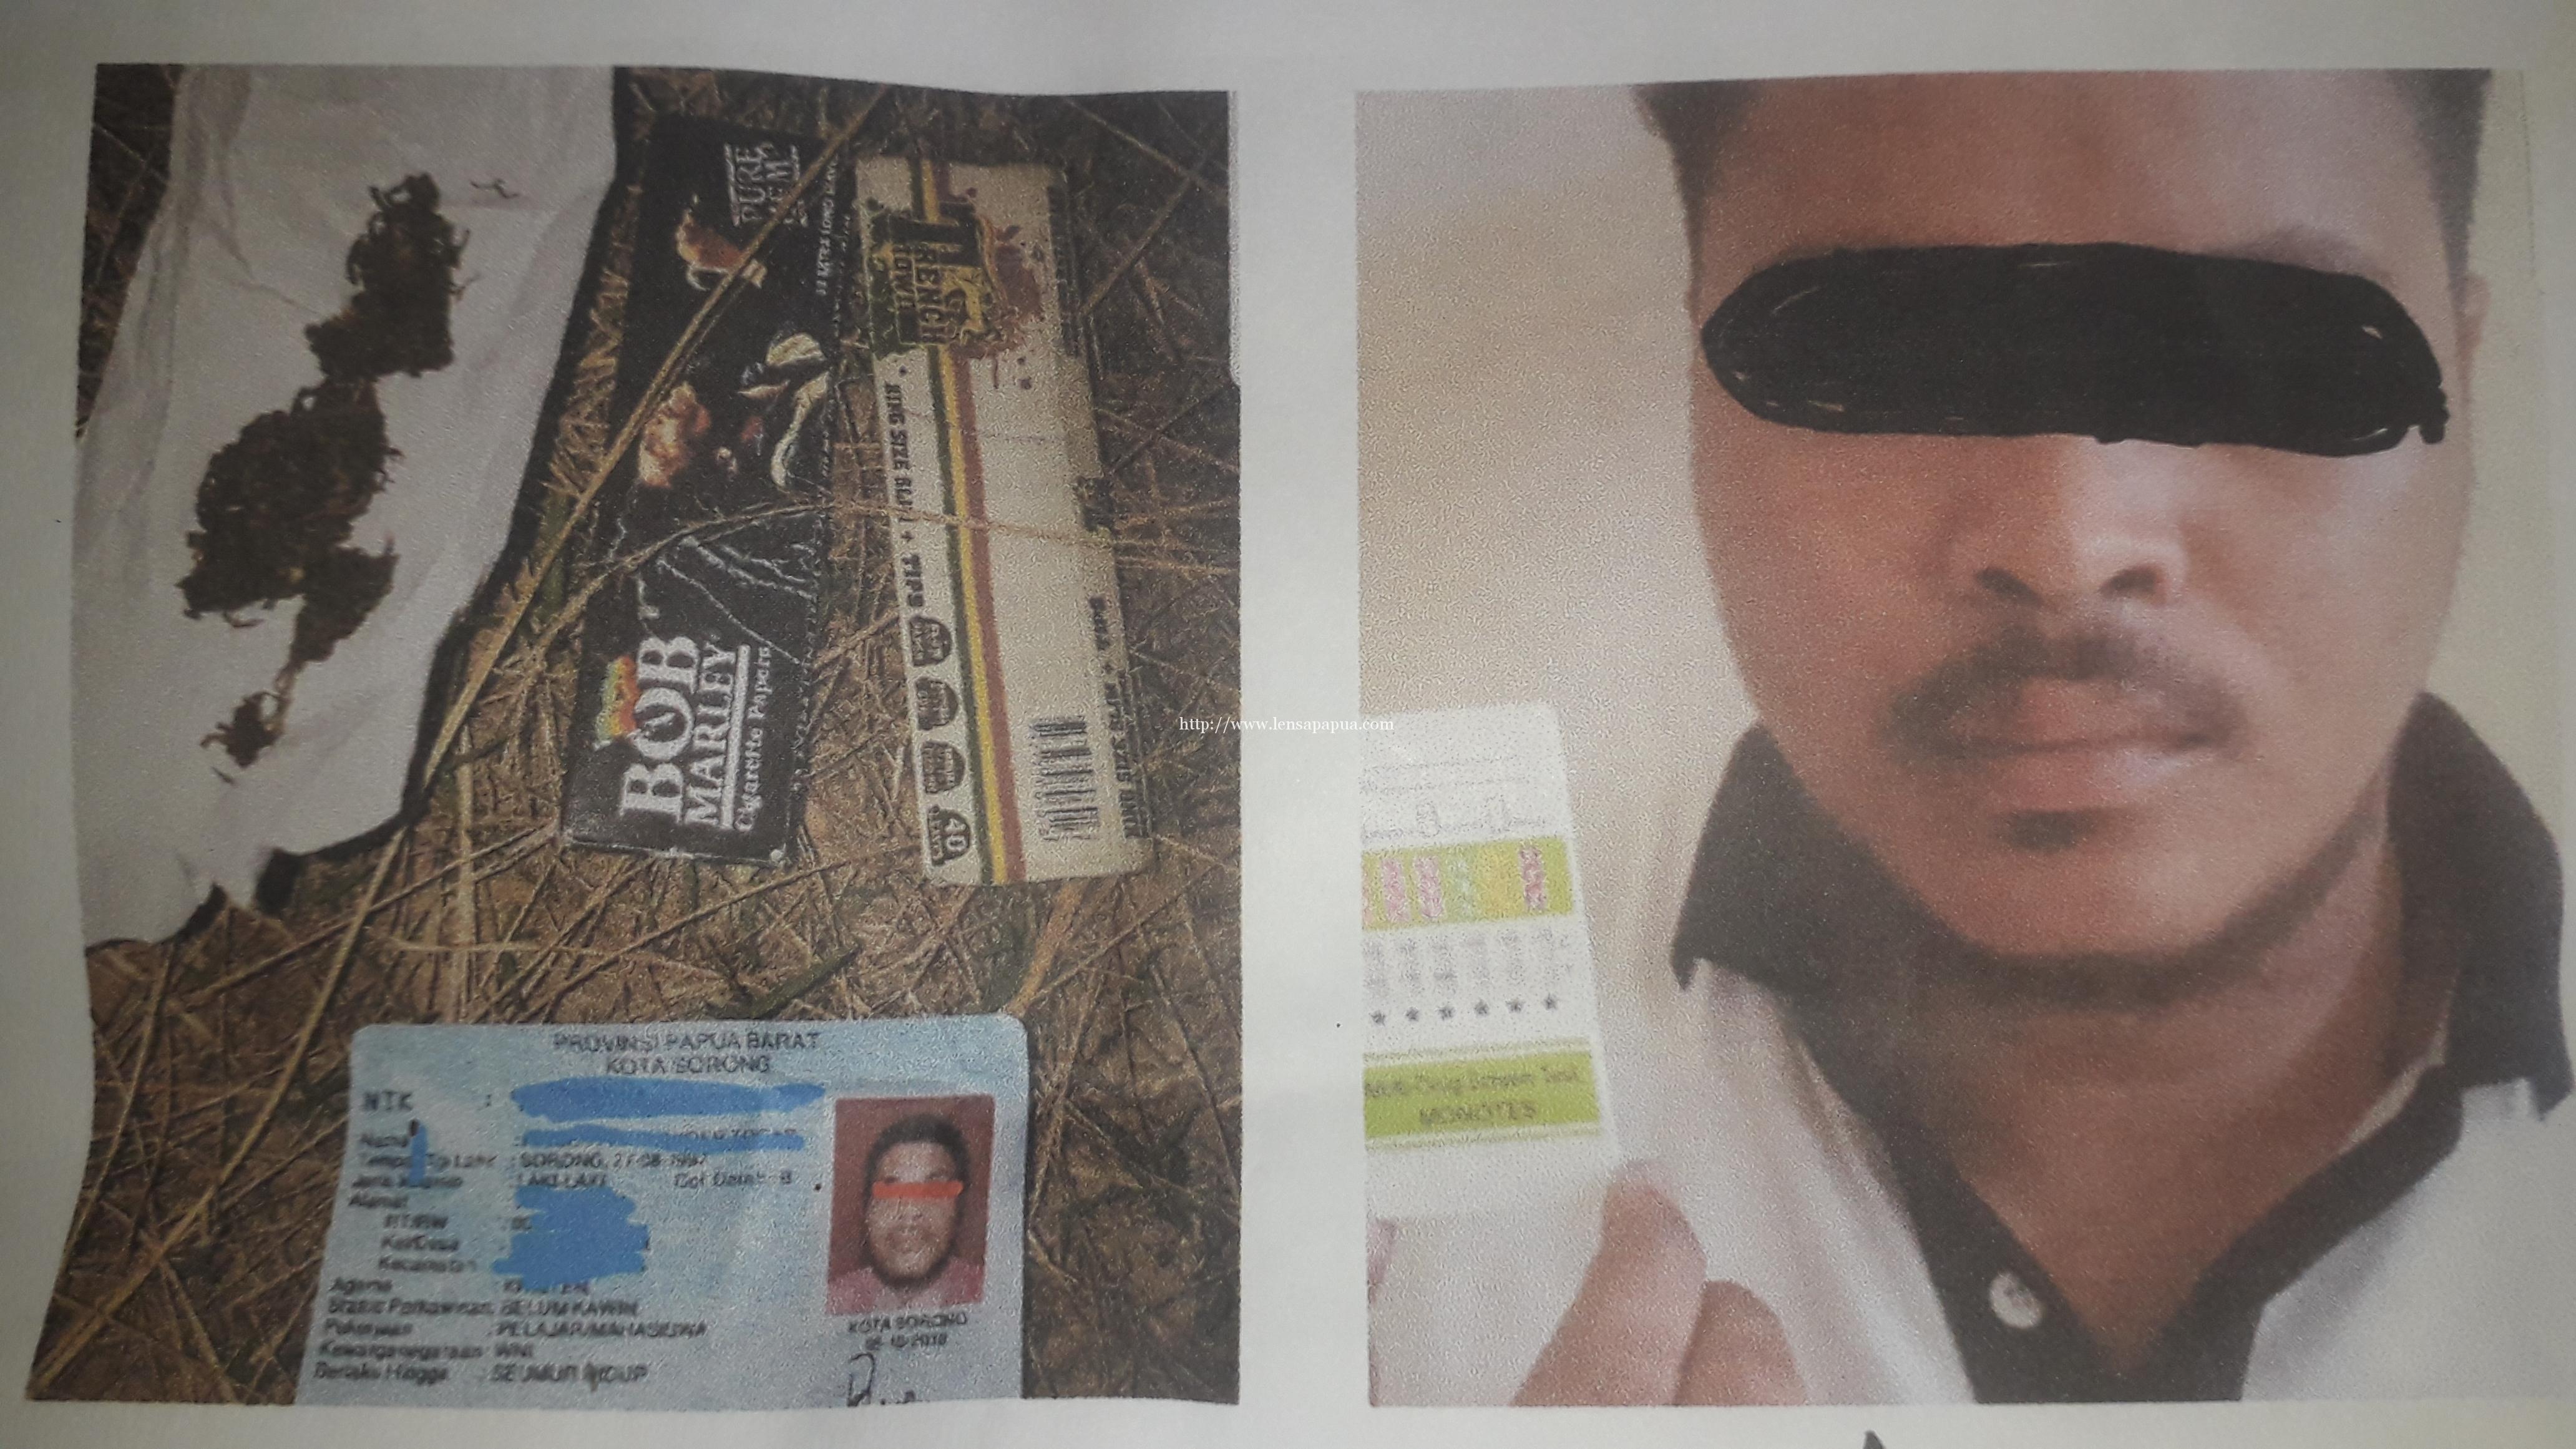 Tersangka RAT warga Kota Soring yang tertangkap saat melakukan transaksi ganja di kawasan SMPN 1 Kota Sorong. Dok/resoq